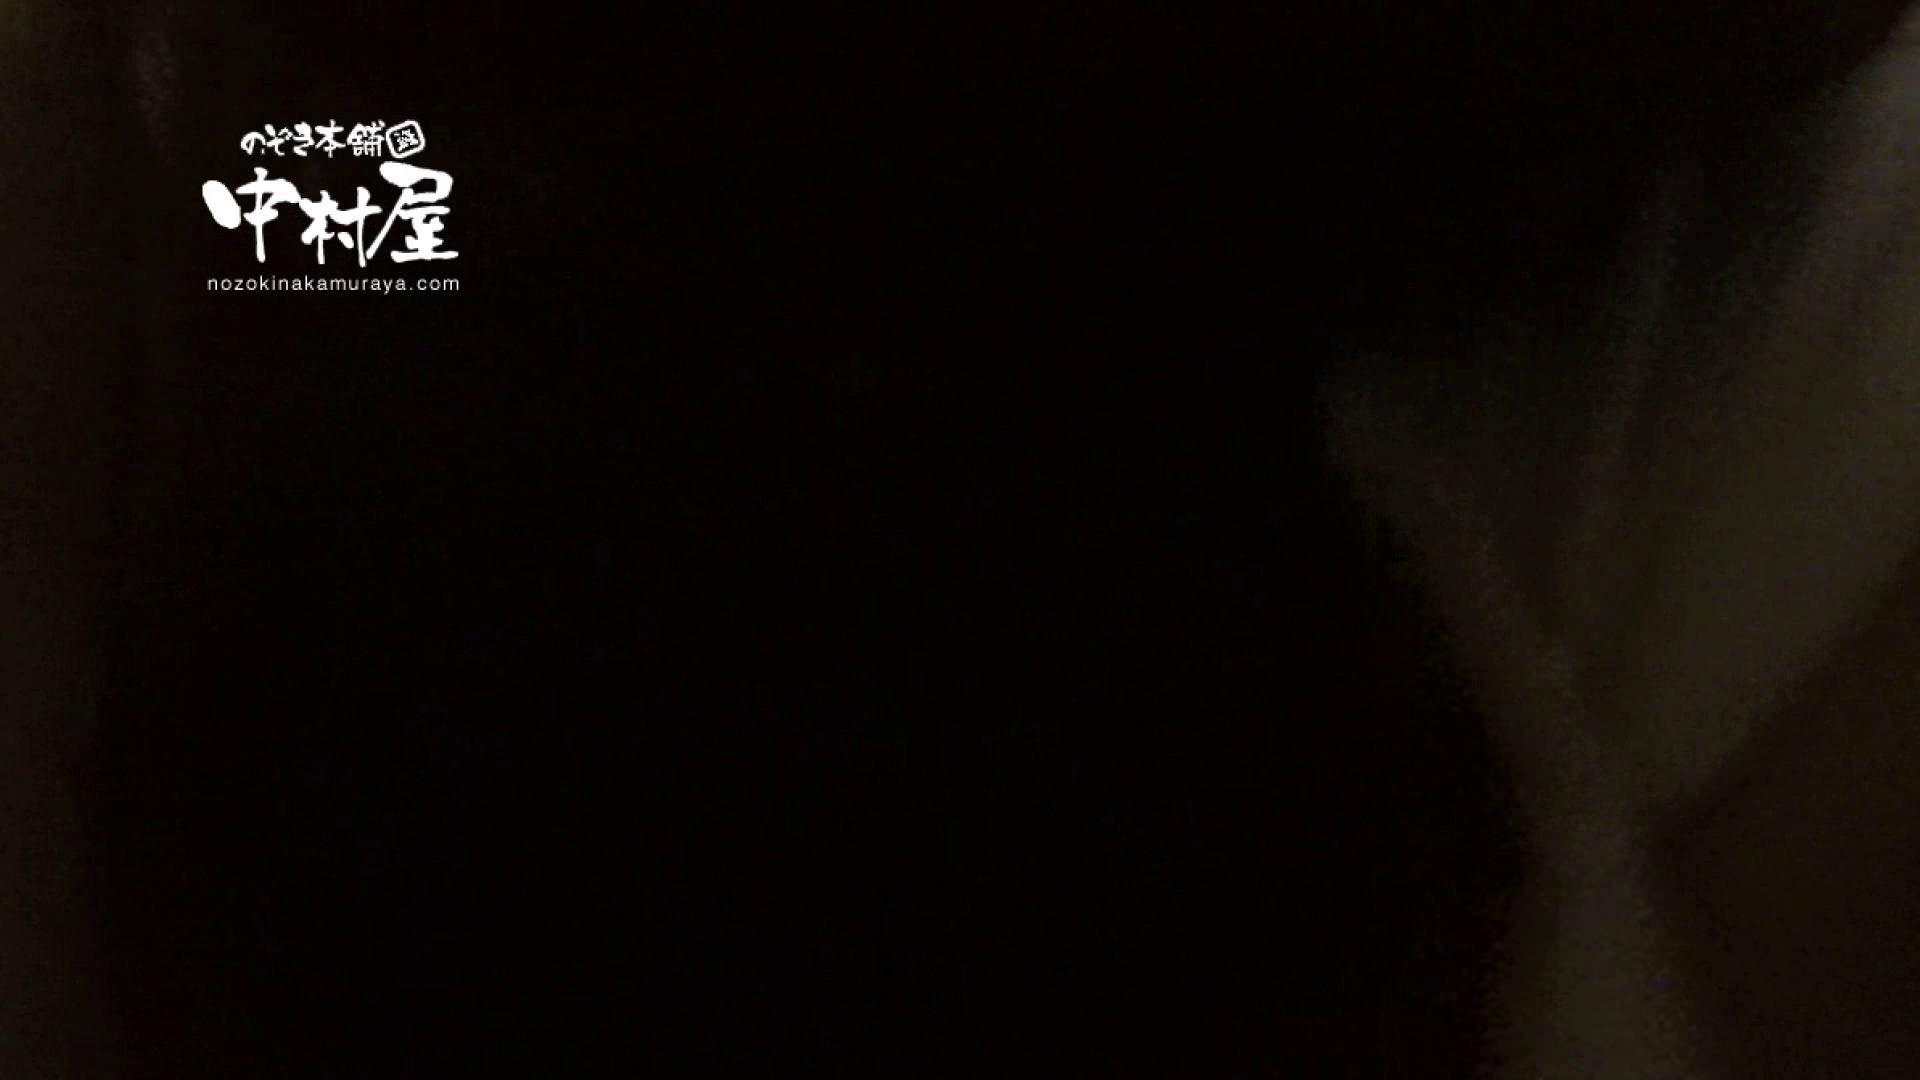 鬼畜 vol.08 極悪!妊娠覚悟の中出し! 後編 鬼畜 | 中出し  110PIX 27